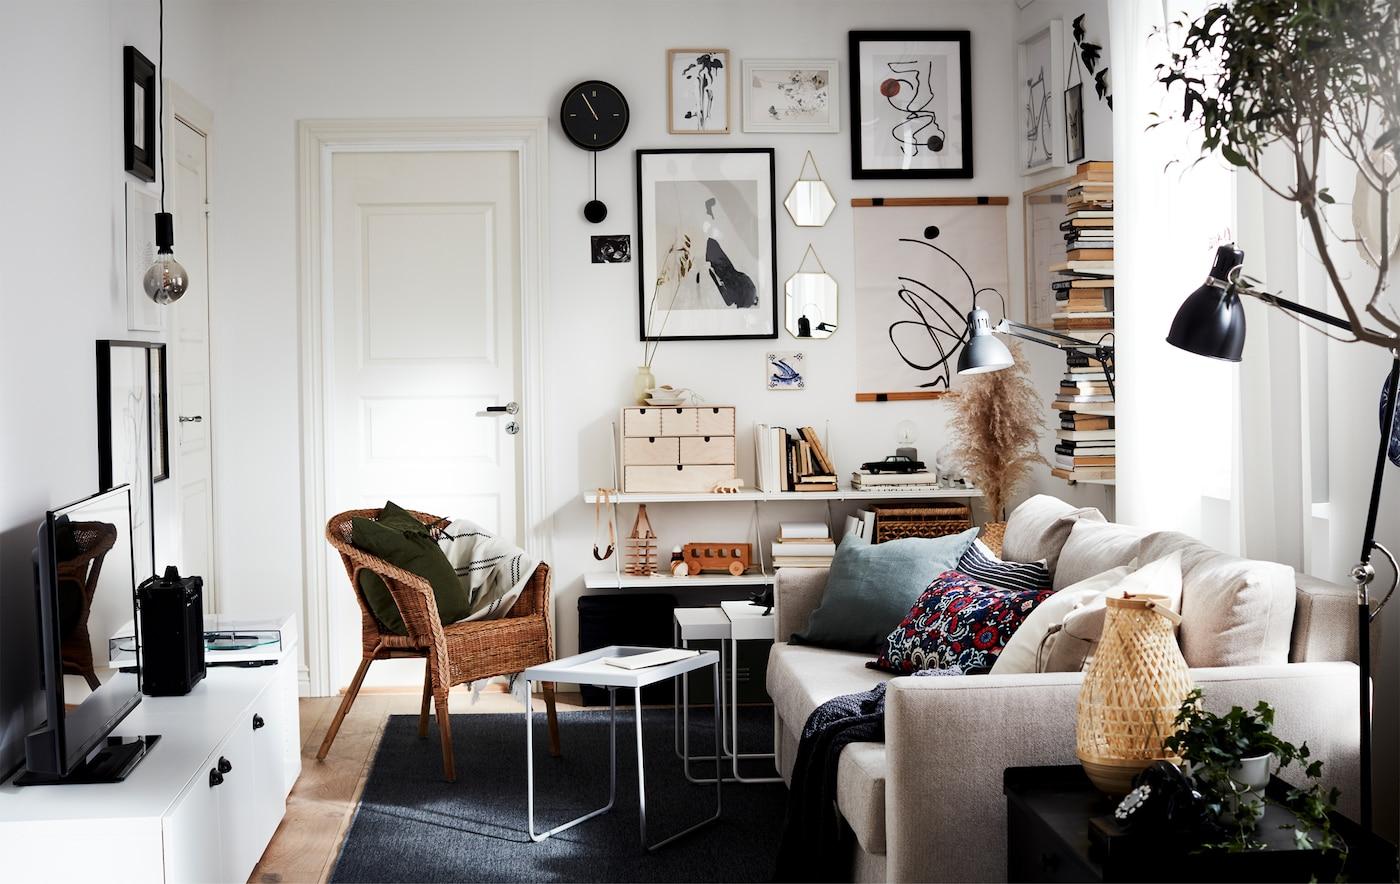 Гостиная с бежевым диваном-кроватью, стулом из ротанга и бамбука, скамьей для ТВ, темно-серым ковром, черными настенными часами и черными светильниками.